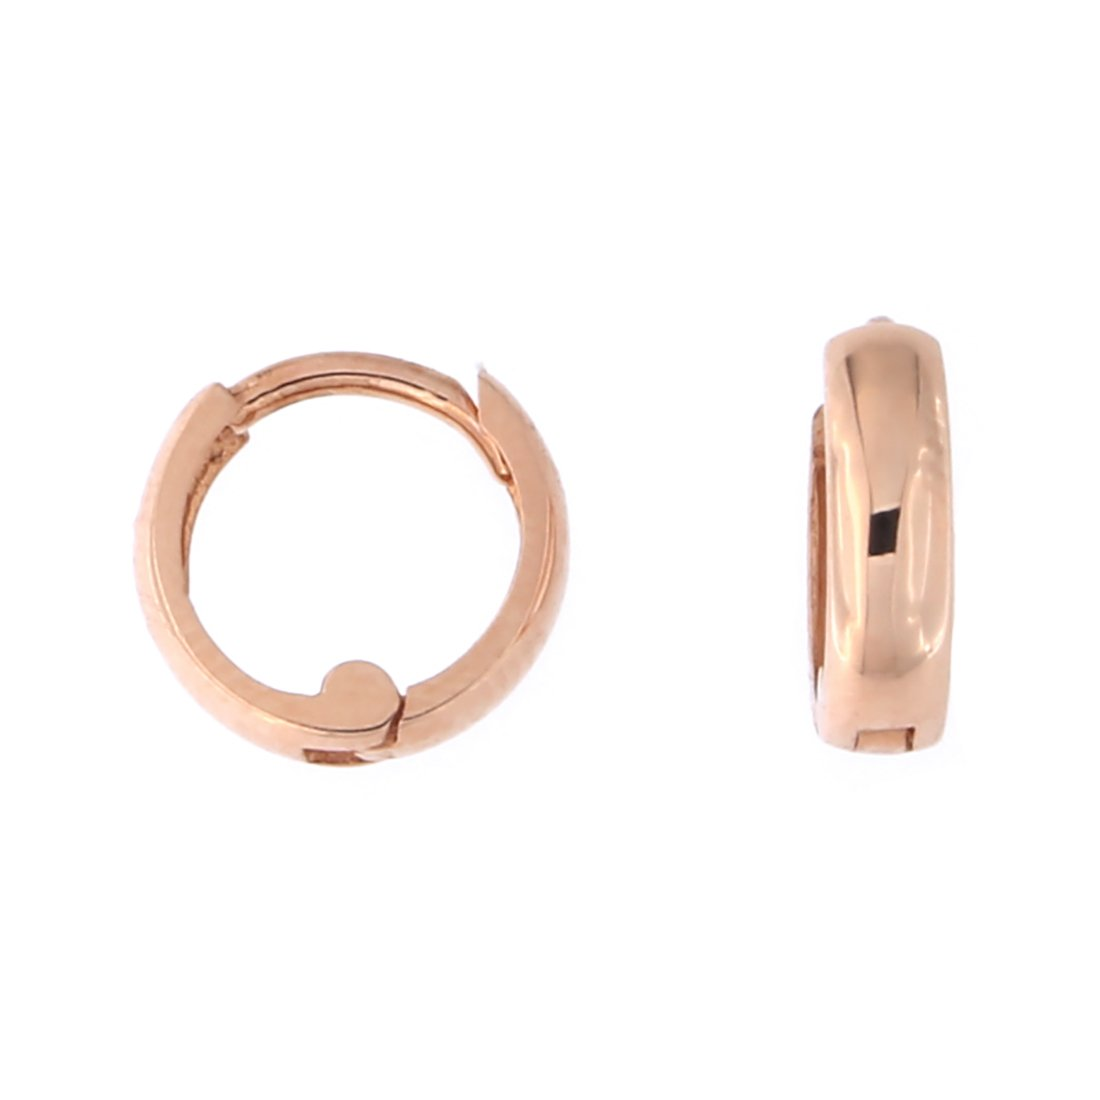 14k Rose Gold 2.5mm Tiny Huggie Hoop Cartilage Earrings, 9mm (3/8 in)